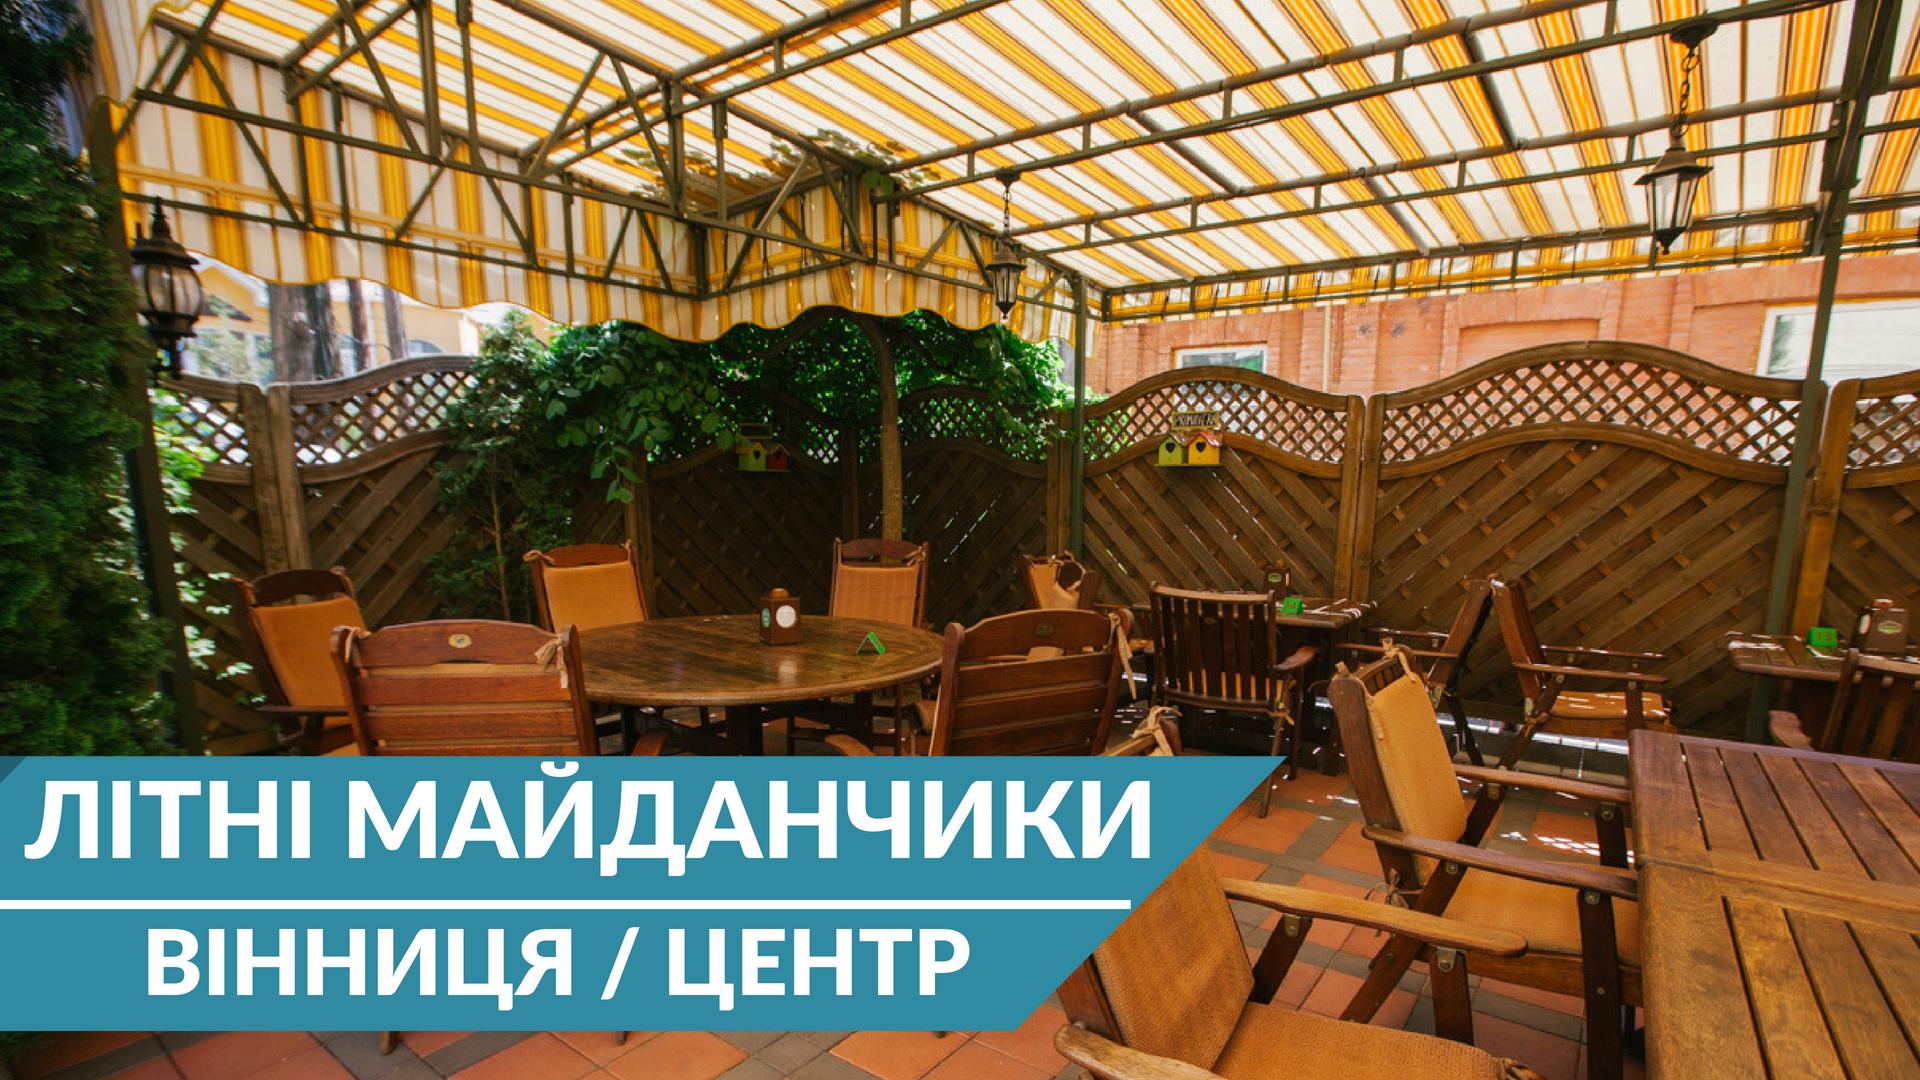 Поїсти на свіжому повітрі: огляд літніх майданчиків центру Вінниці. ФОТО/ГРАФІКА